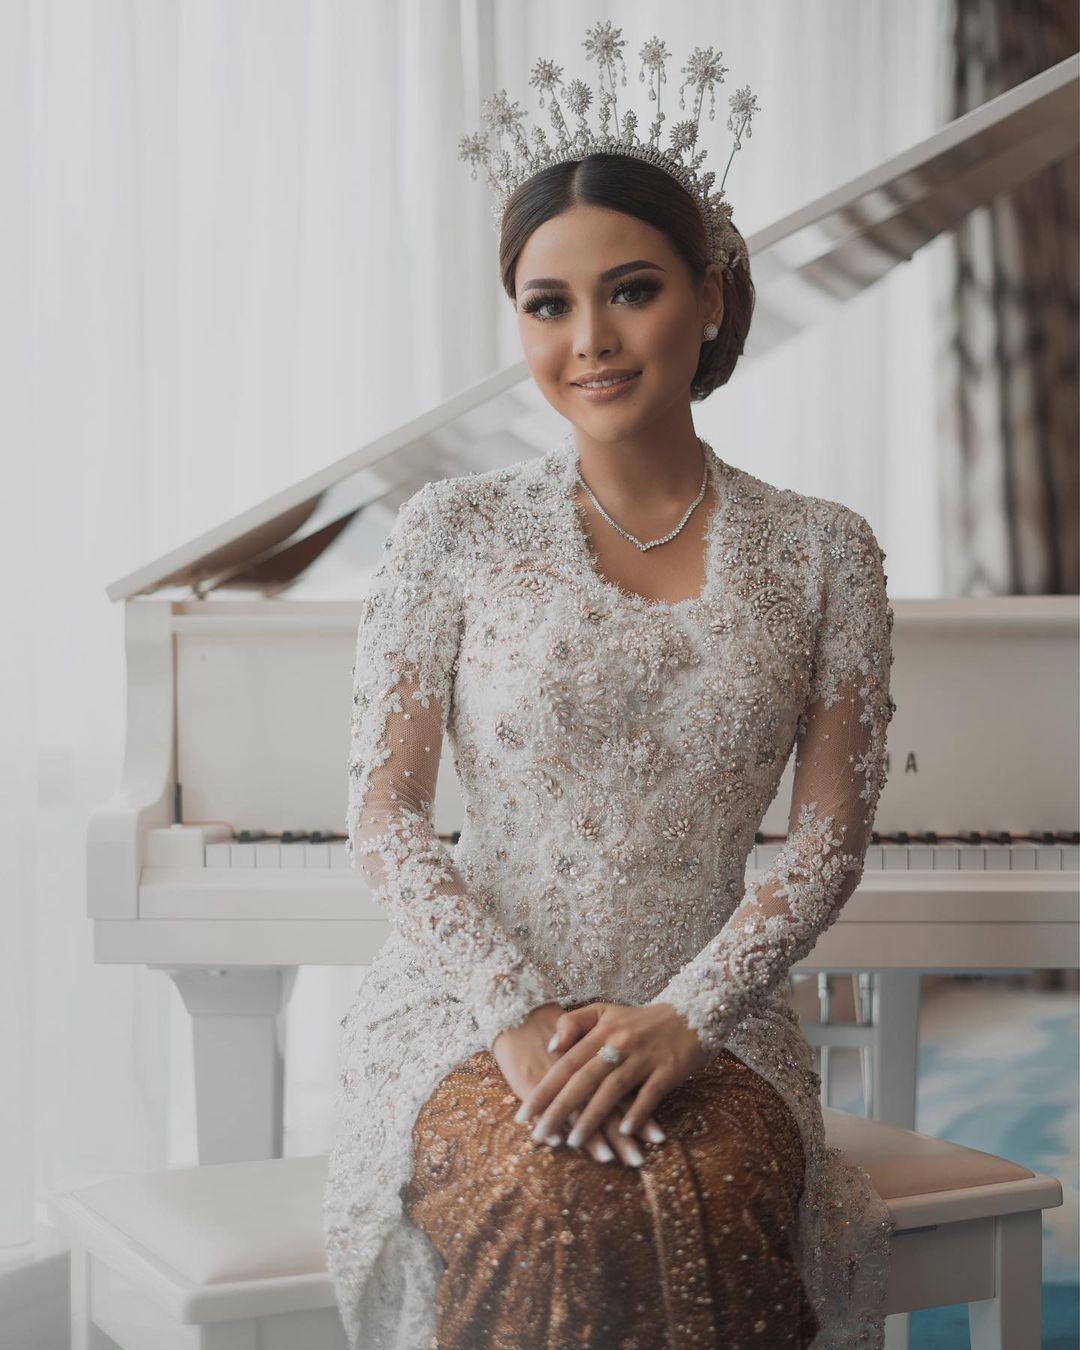 Bocoran Harga Outfit Aurel Hermansyah dari Prewed sampai Menikah